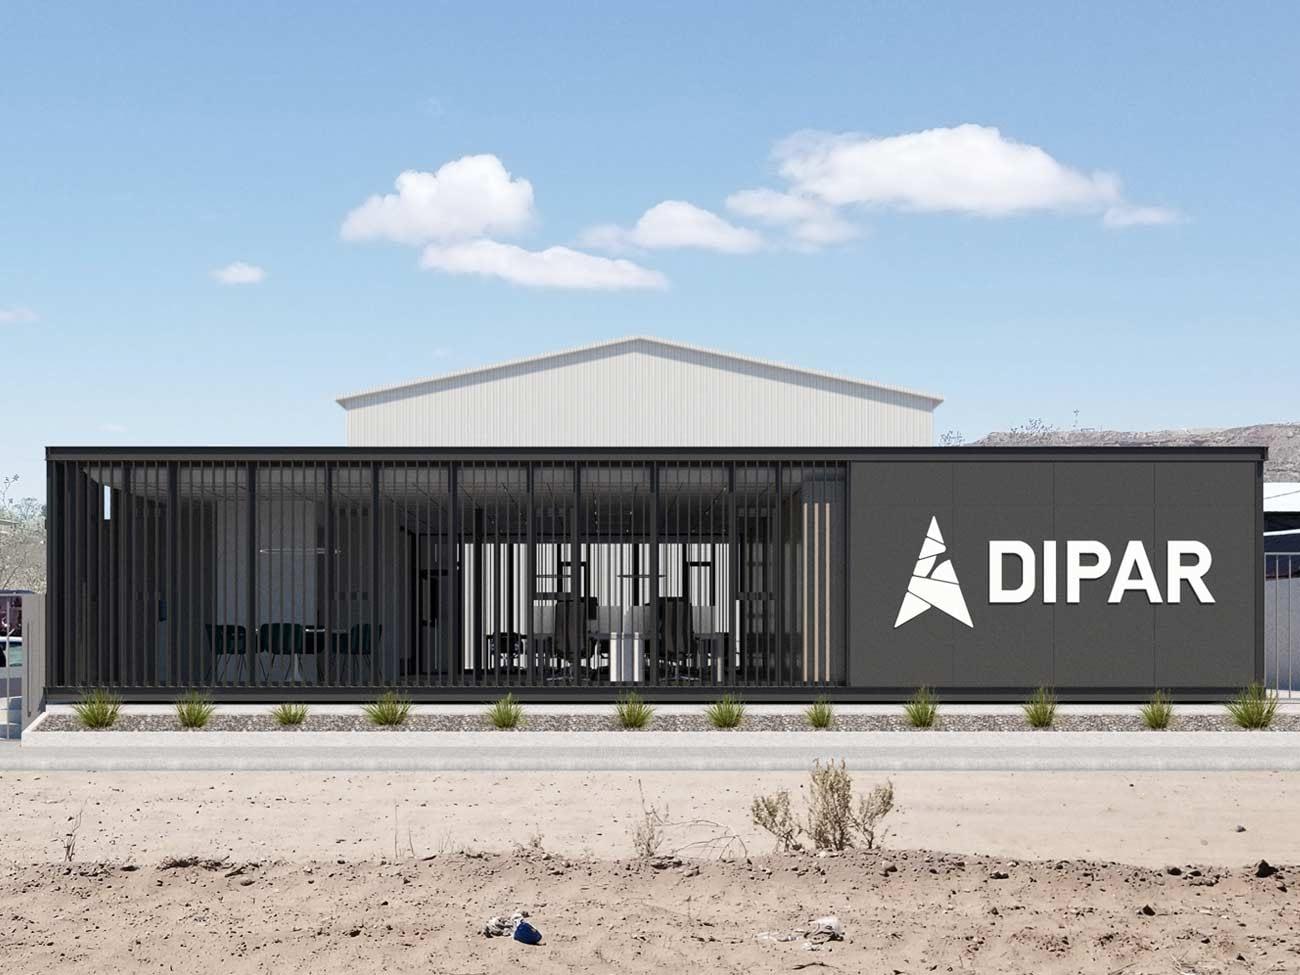 Oficinas metalicas construccion rapida parque industrial neuquen